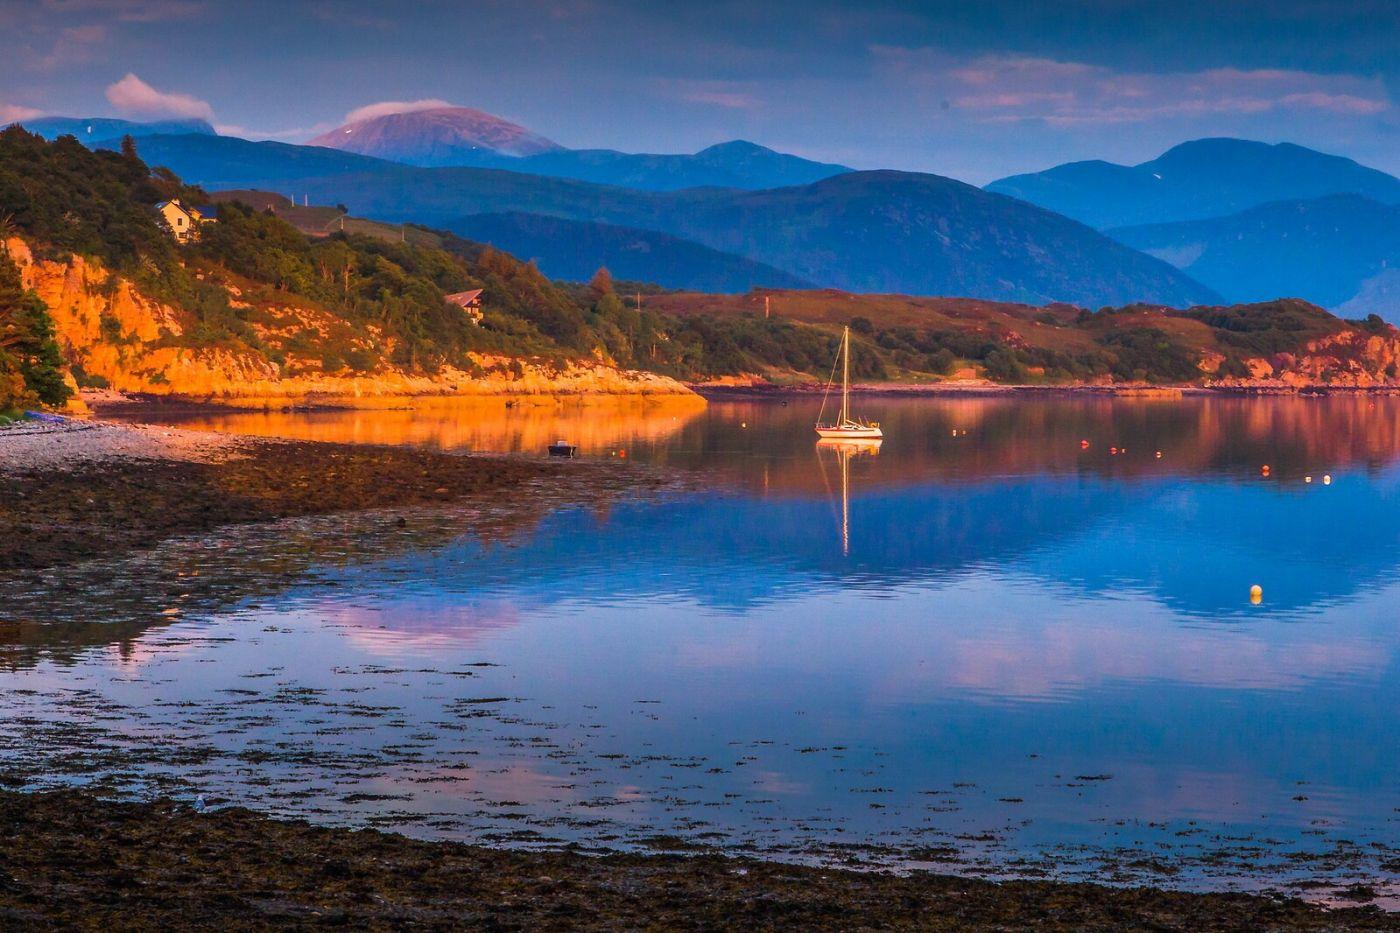 苏格兰阿勒浦(Ullapool),如镜的湖面_图1-10